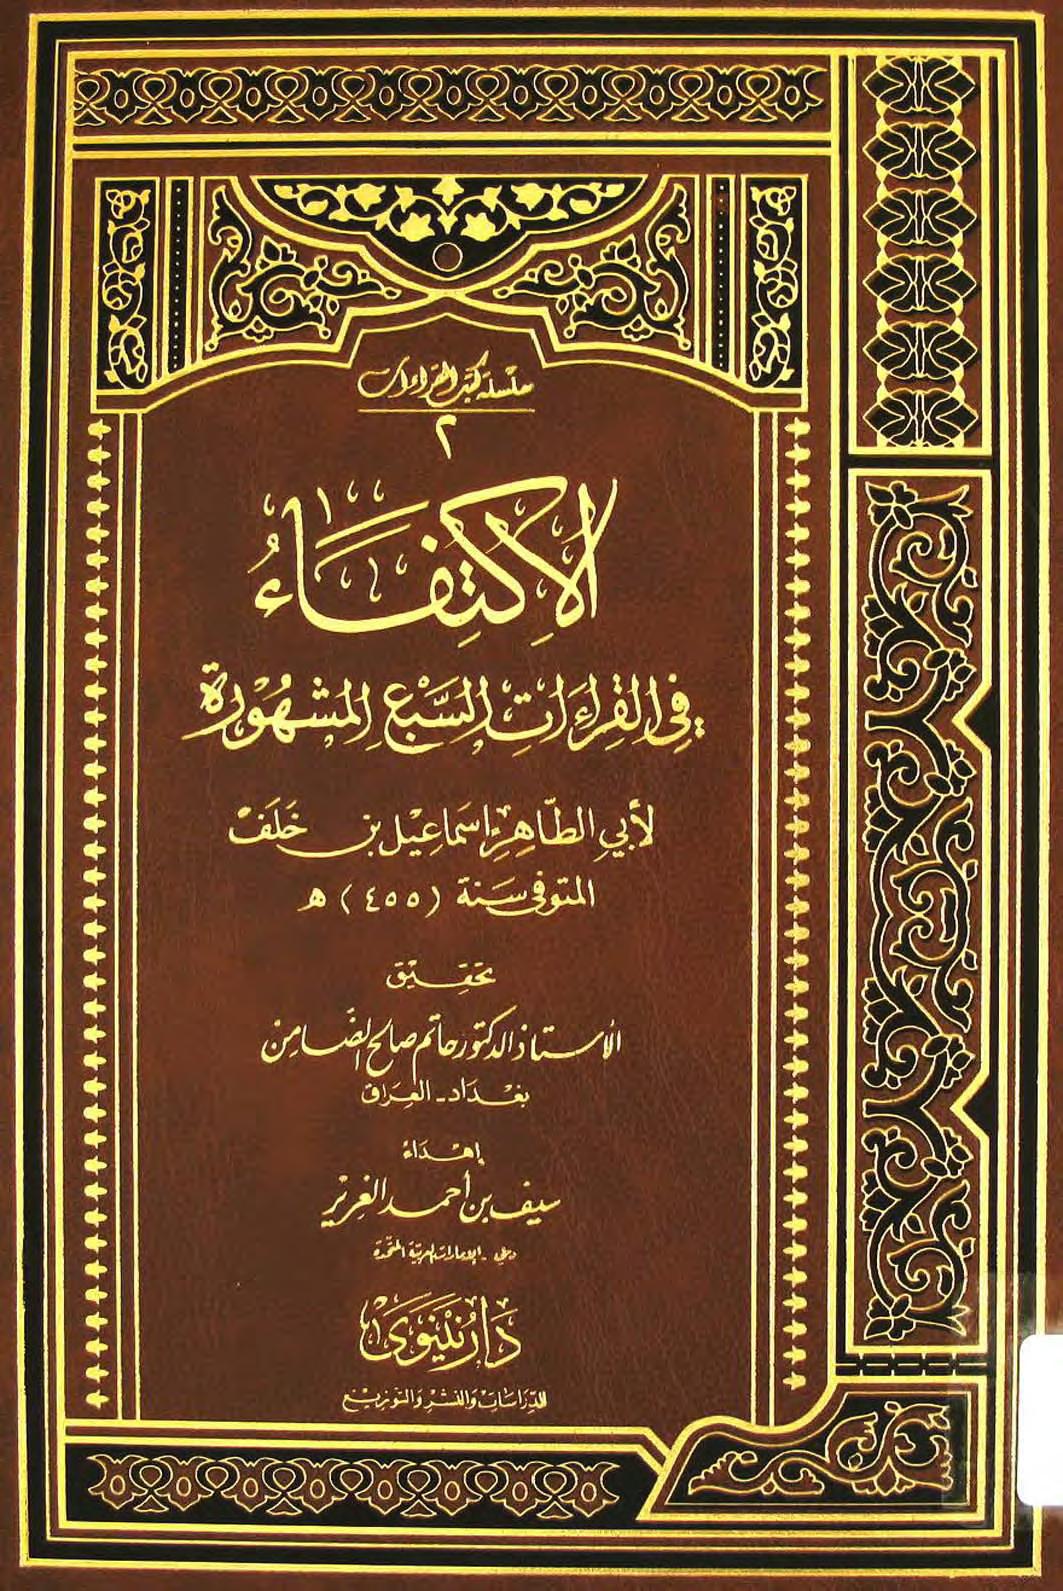 تحميل كتاب الاكتفاء في القراءات السبع المشهورة لـِ: الإمام أبو الطاهر إسماعيل بن خلف بن سعيد المقرئ الأنصاري السرقسطي (ت 455)